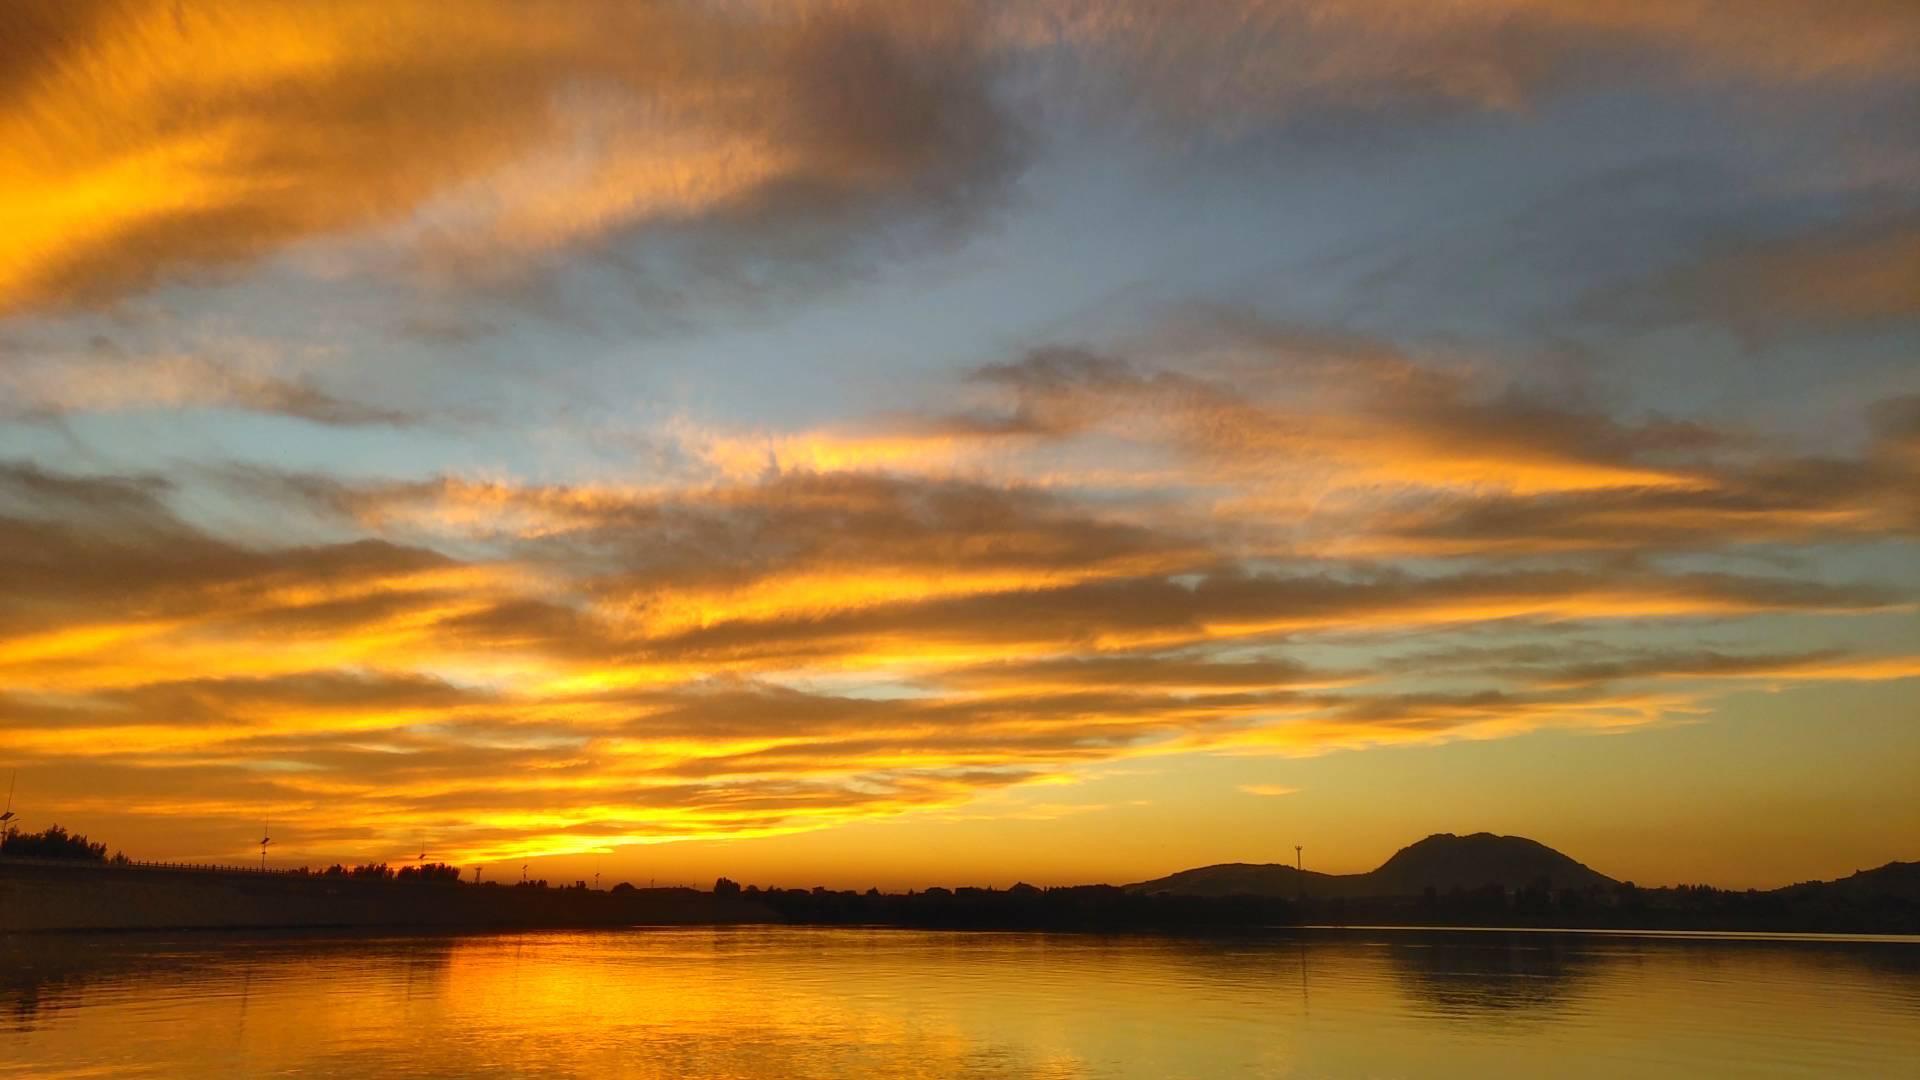 枣庄岩马湖畔绚丽晚霞灿烂夺目 夕阳美景尽收眼底